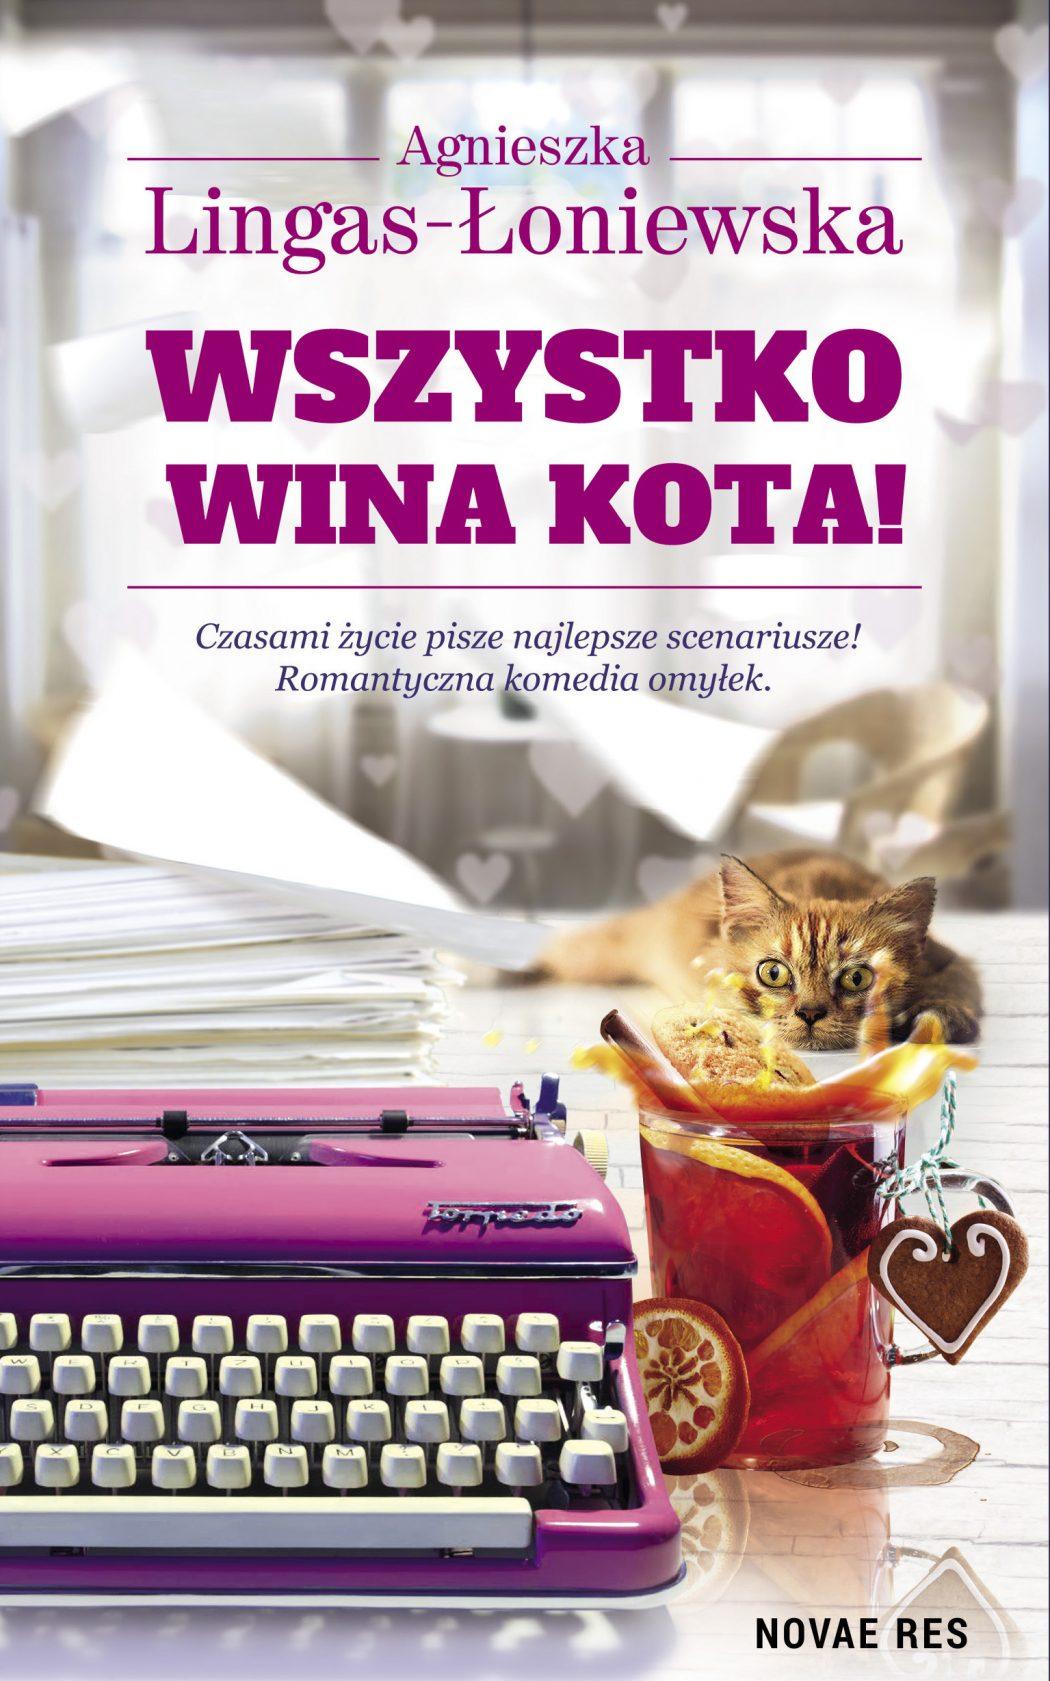 magazynkobiet.pl - Wszystko wina kota okl 1050x1681 - Romantyczna komedia omyłek